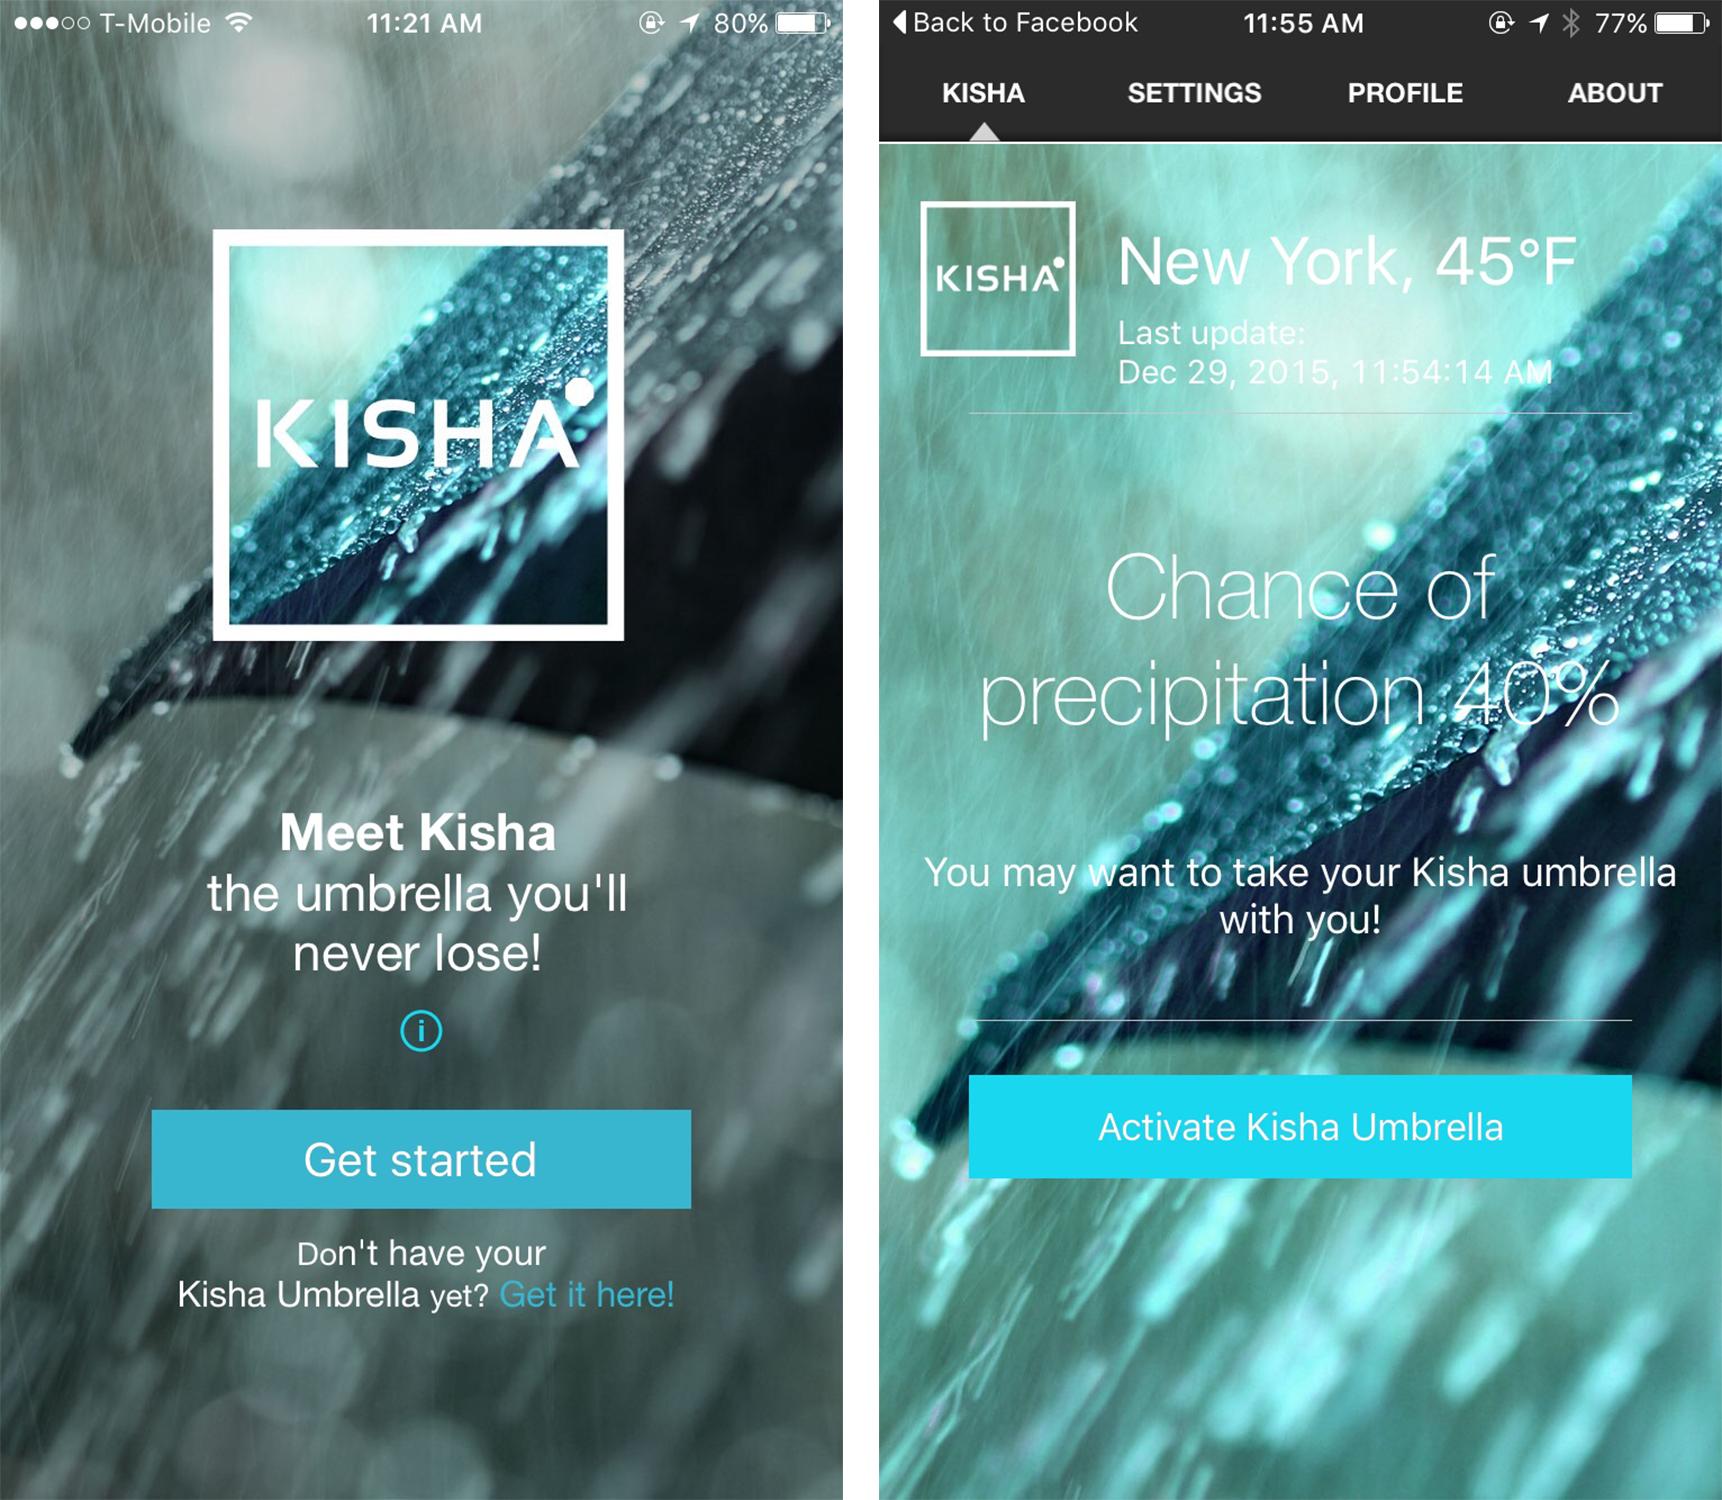 Kisha app